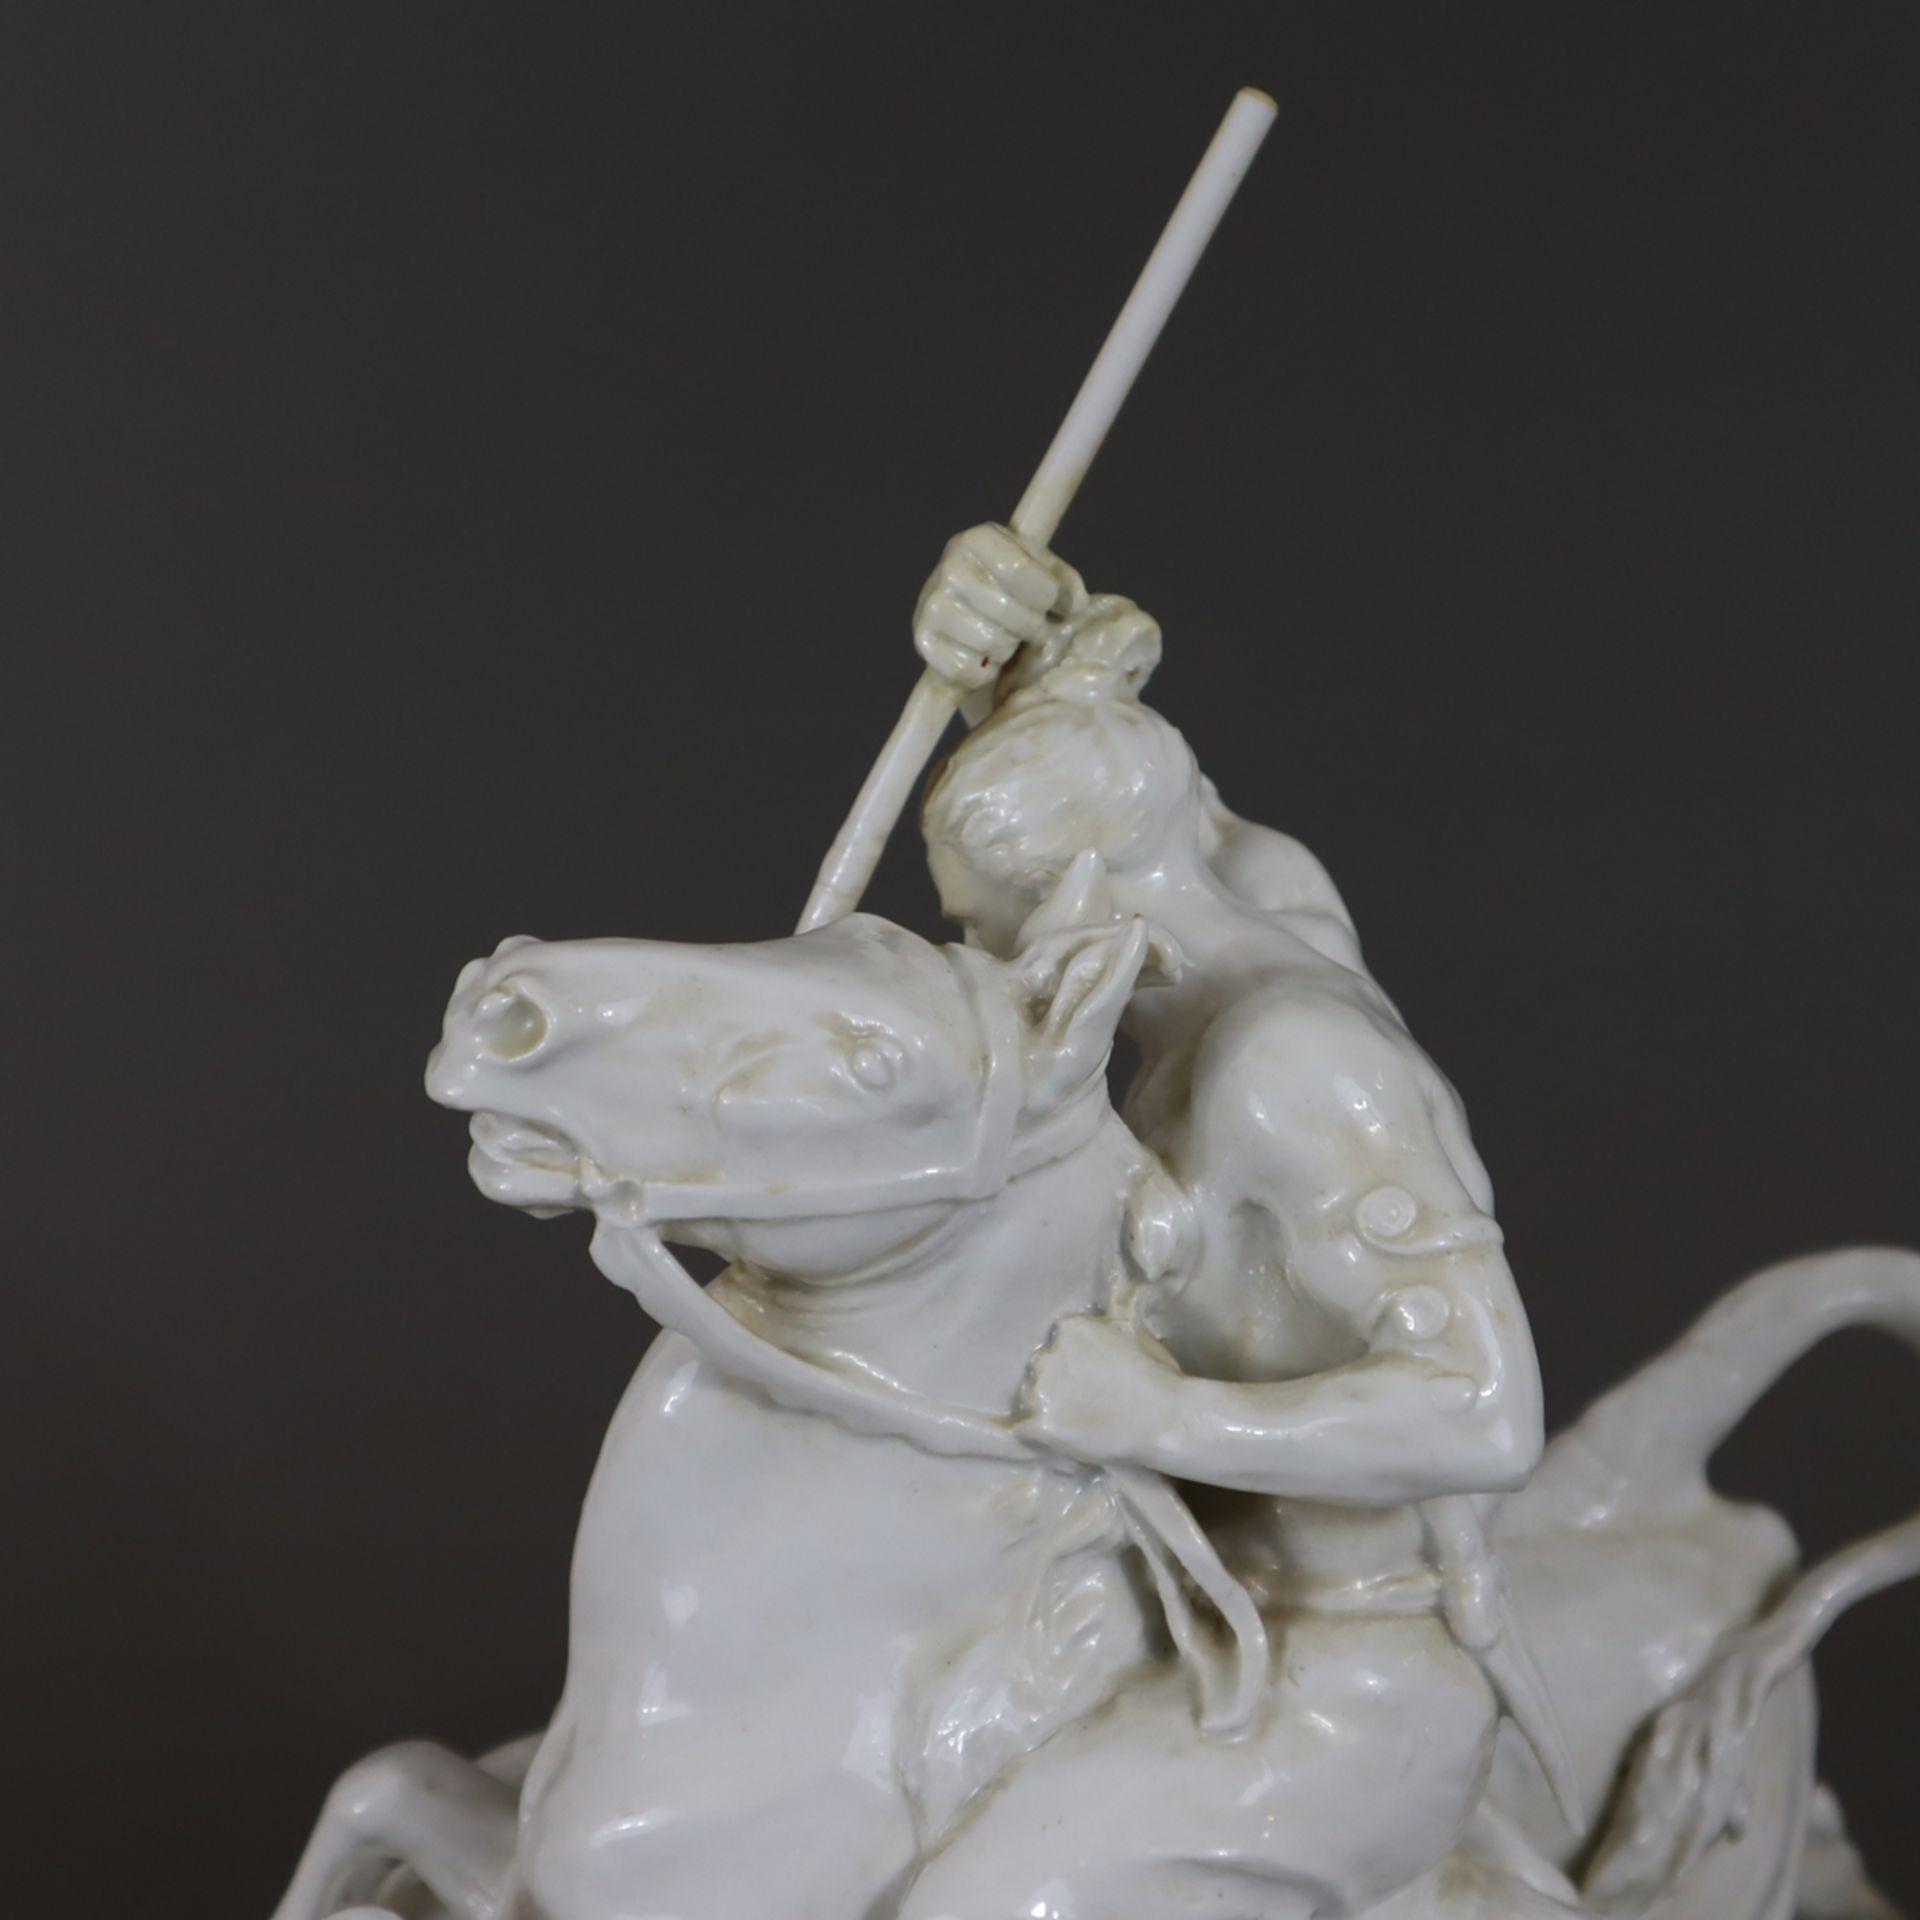 Große Jagdgruppe - Meissen, Modell von Erich Hösel um 1940, Weißporzellan, glasiert, auf naturalist - Image 8 of 28